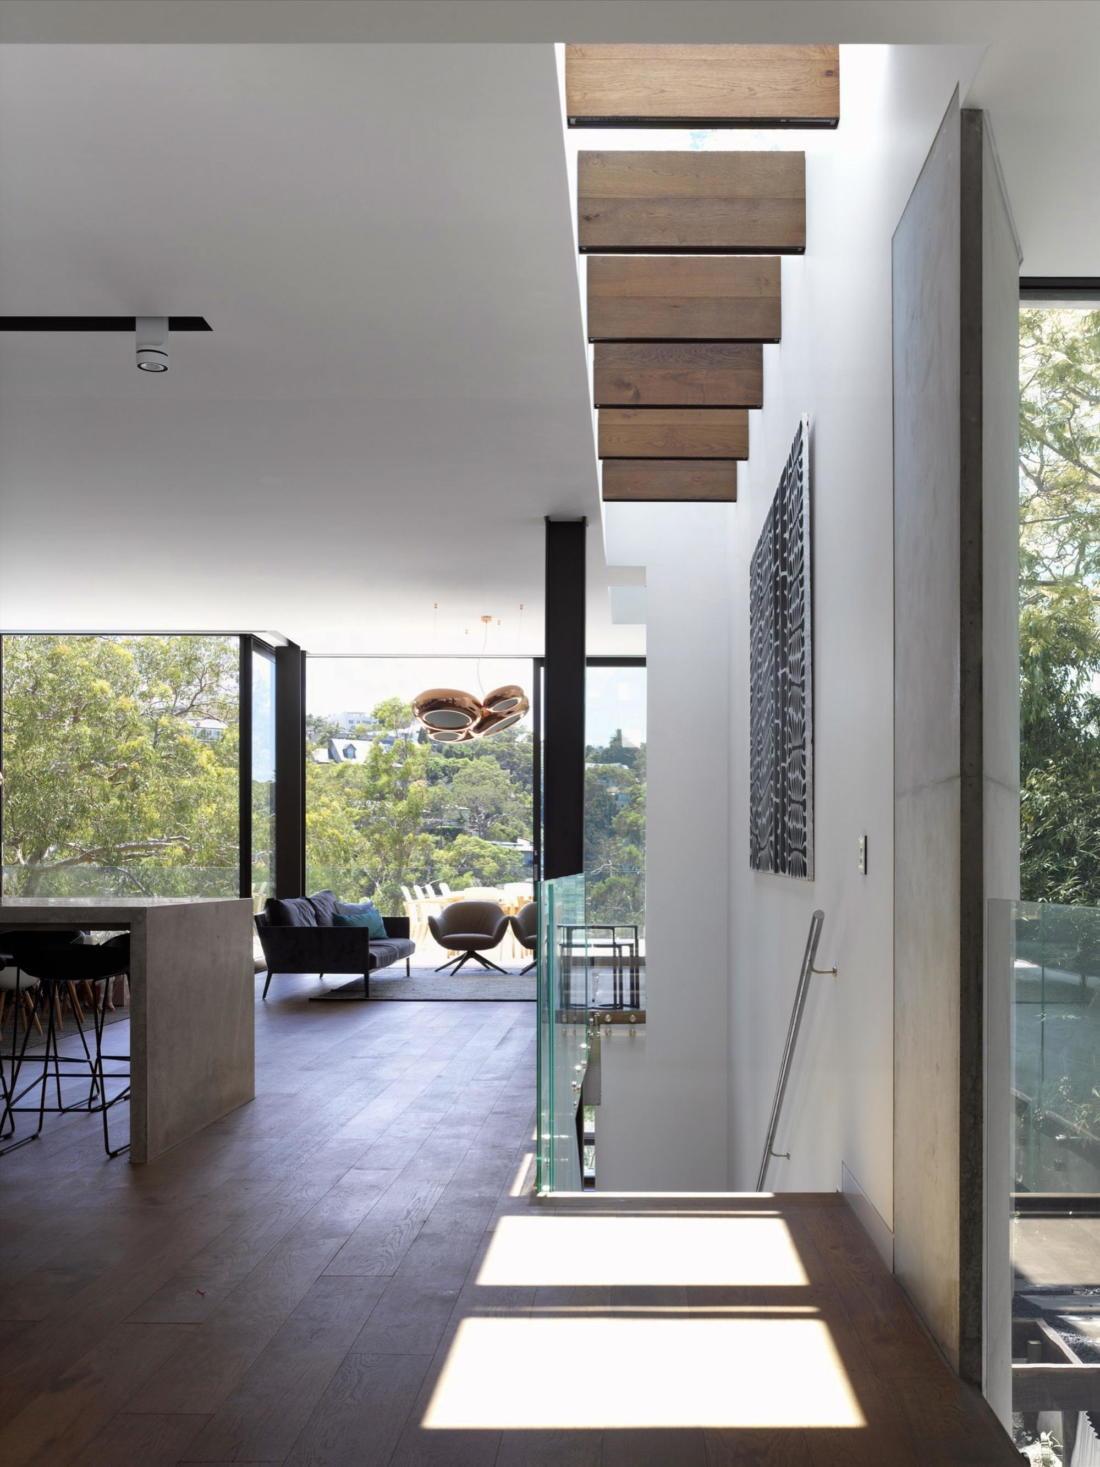 Просторный дом в Австралии от студии Rolf Ockert Design 21